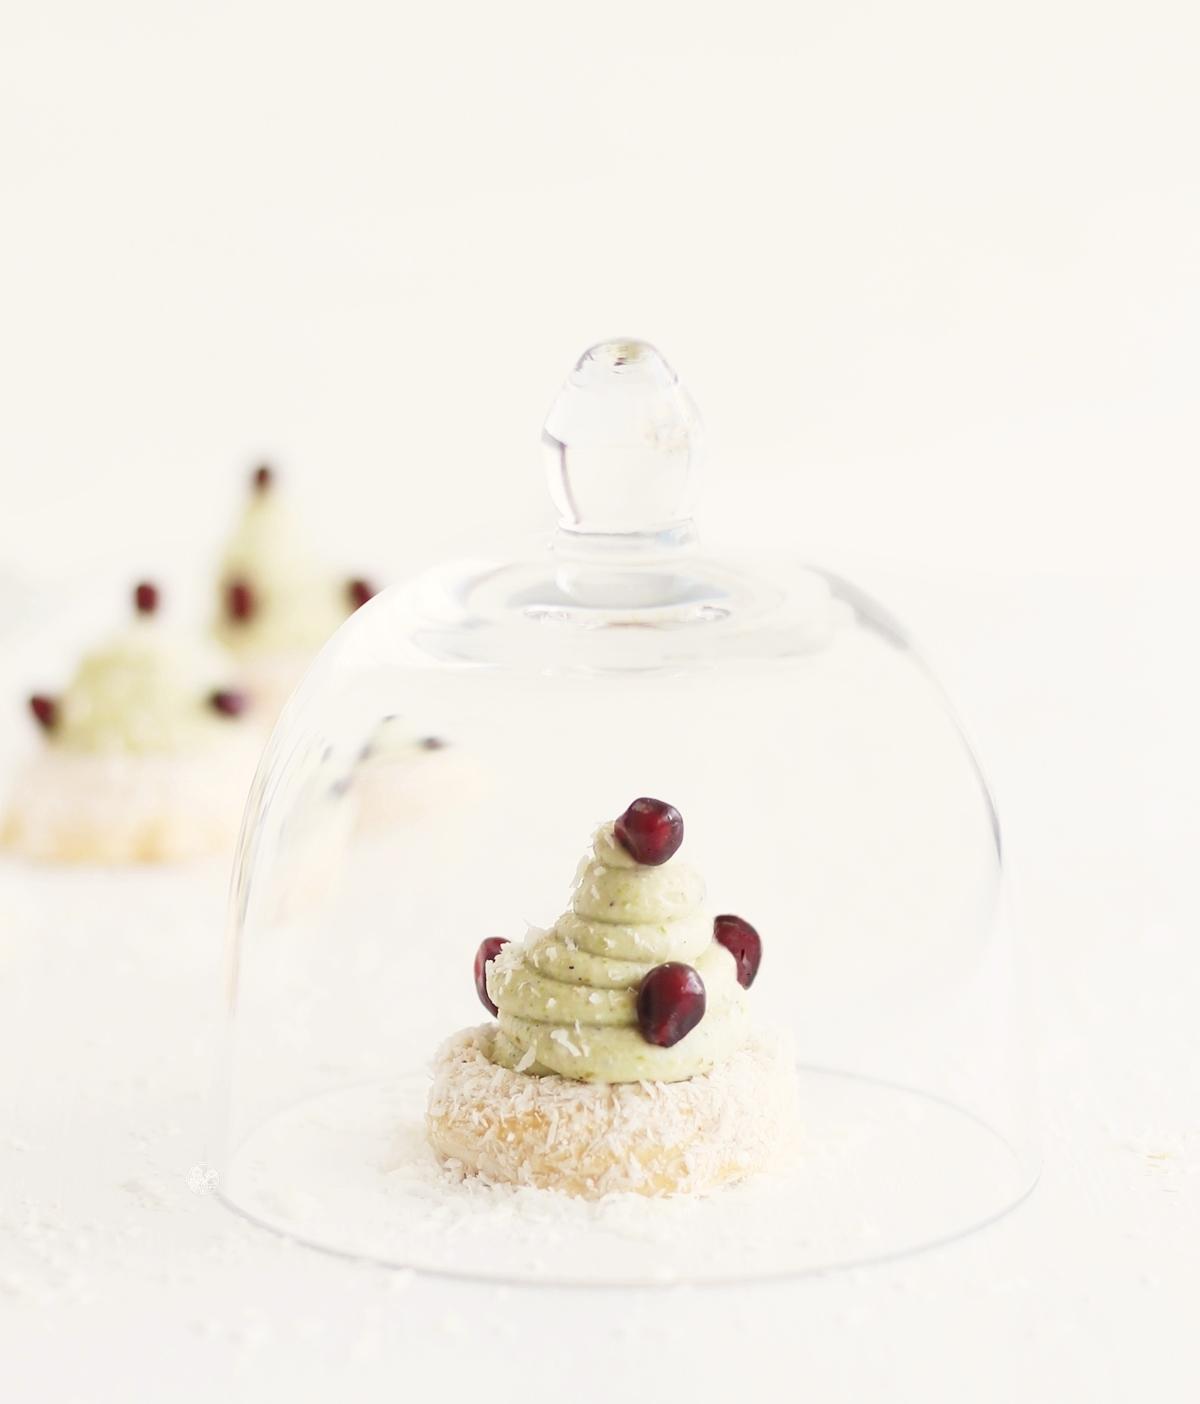 Meringhe cocco-pistacchio senza glutine - La Cassata Celiaca